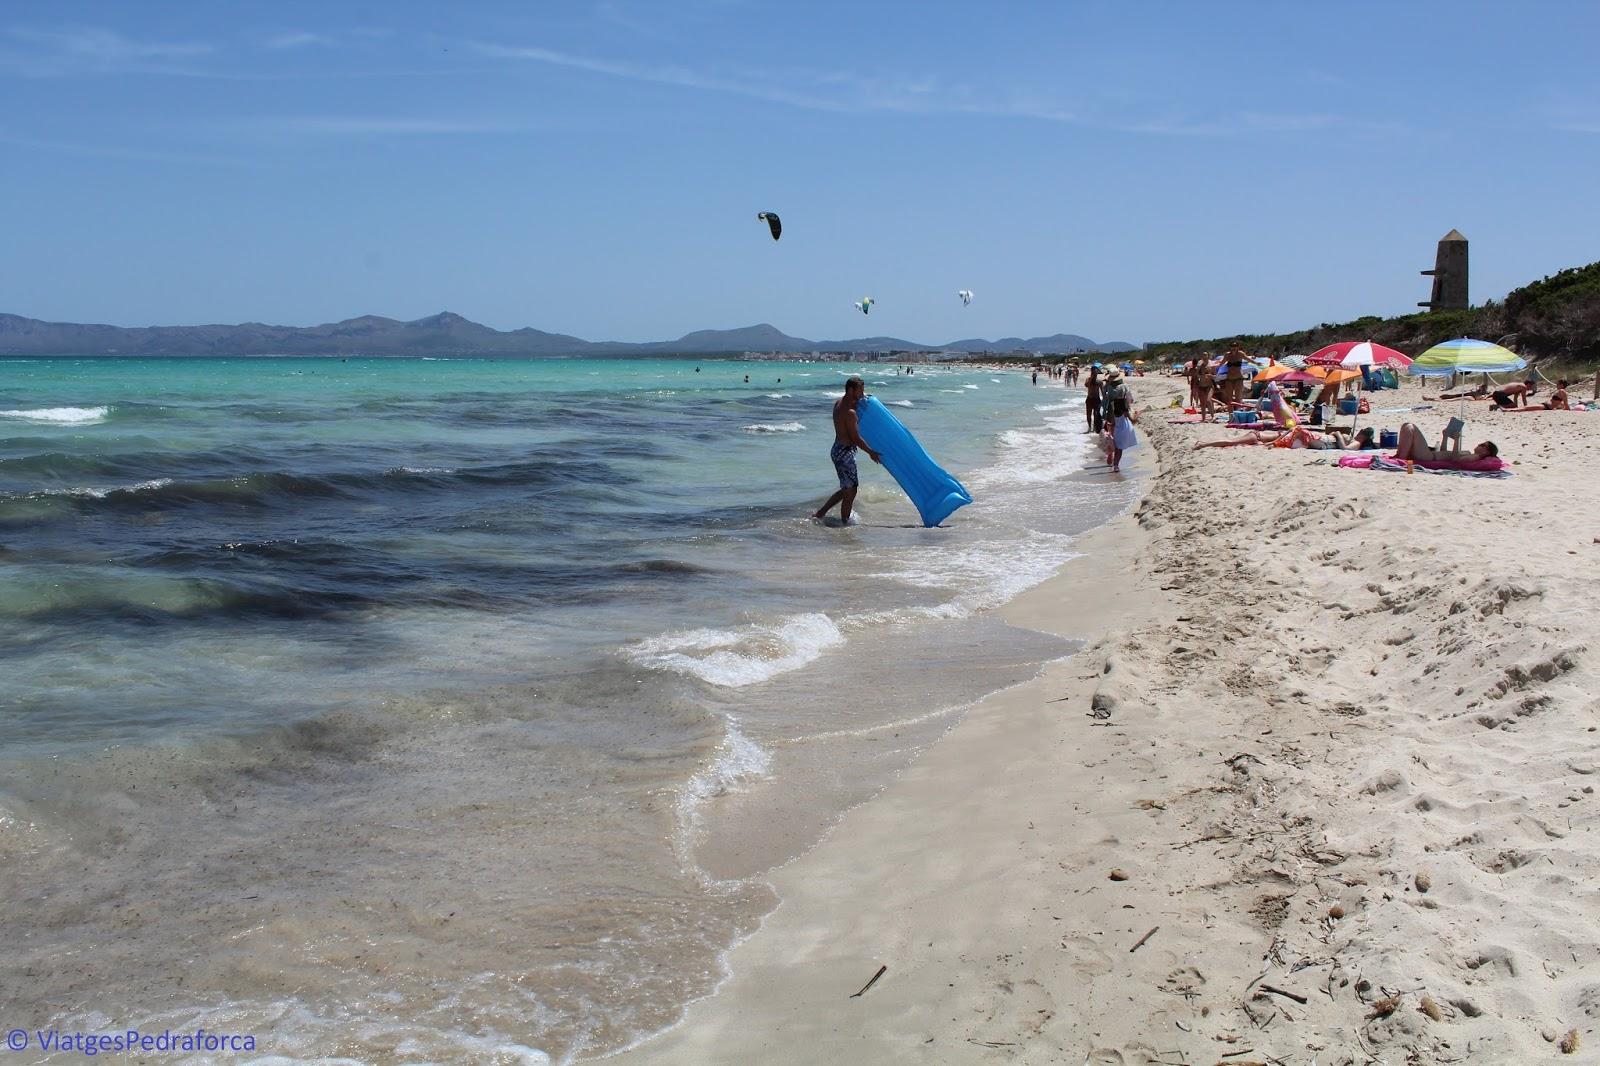 les millors platges de Mallorca, Illes Balears, Parc natural de s'Albufera de Mallorca